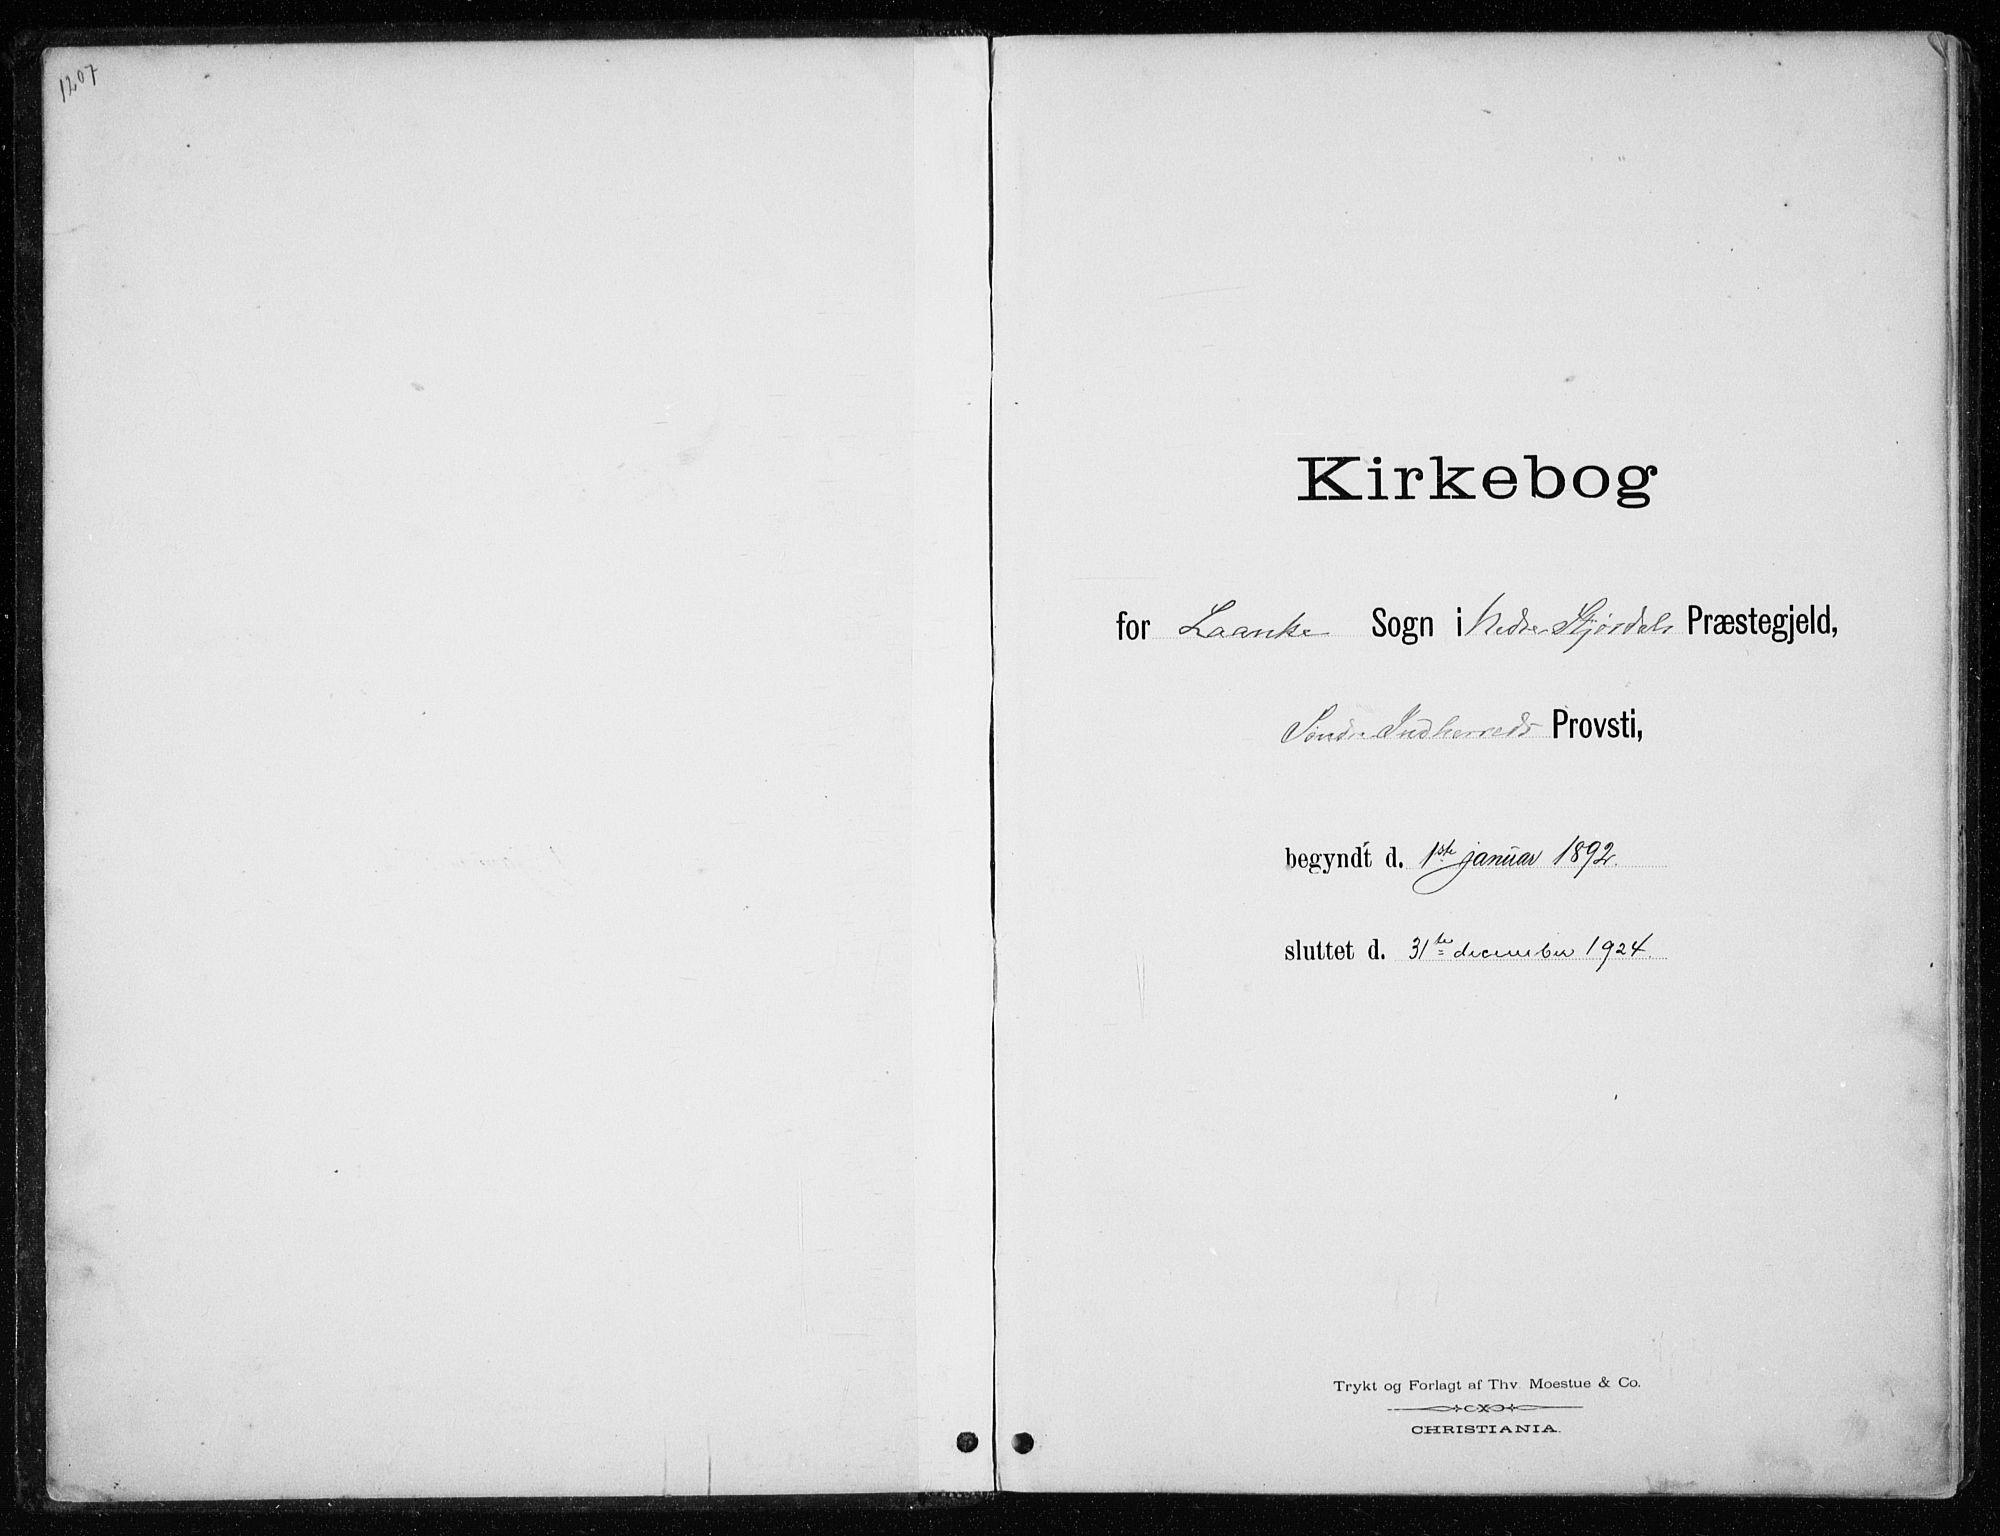 SAT, Ministerialprotokoller, klokkerbøker og fødselsregistre - Nord-Trøndelag, 710/L0096: Klokkerbok nr. 710C01, 1892-1925